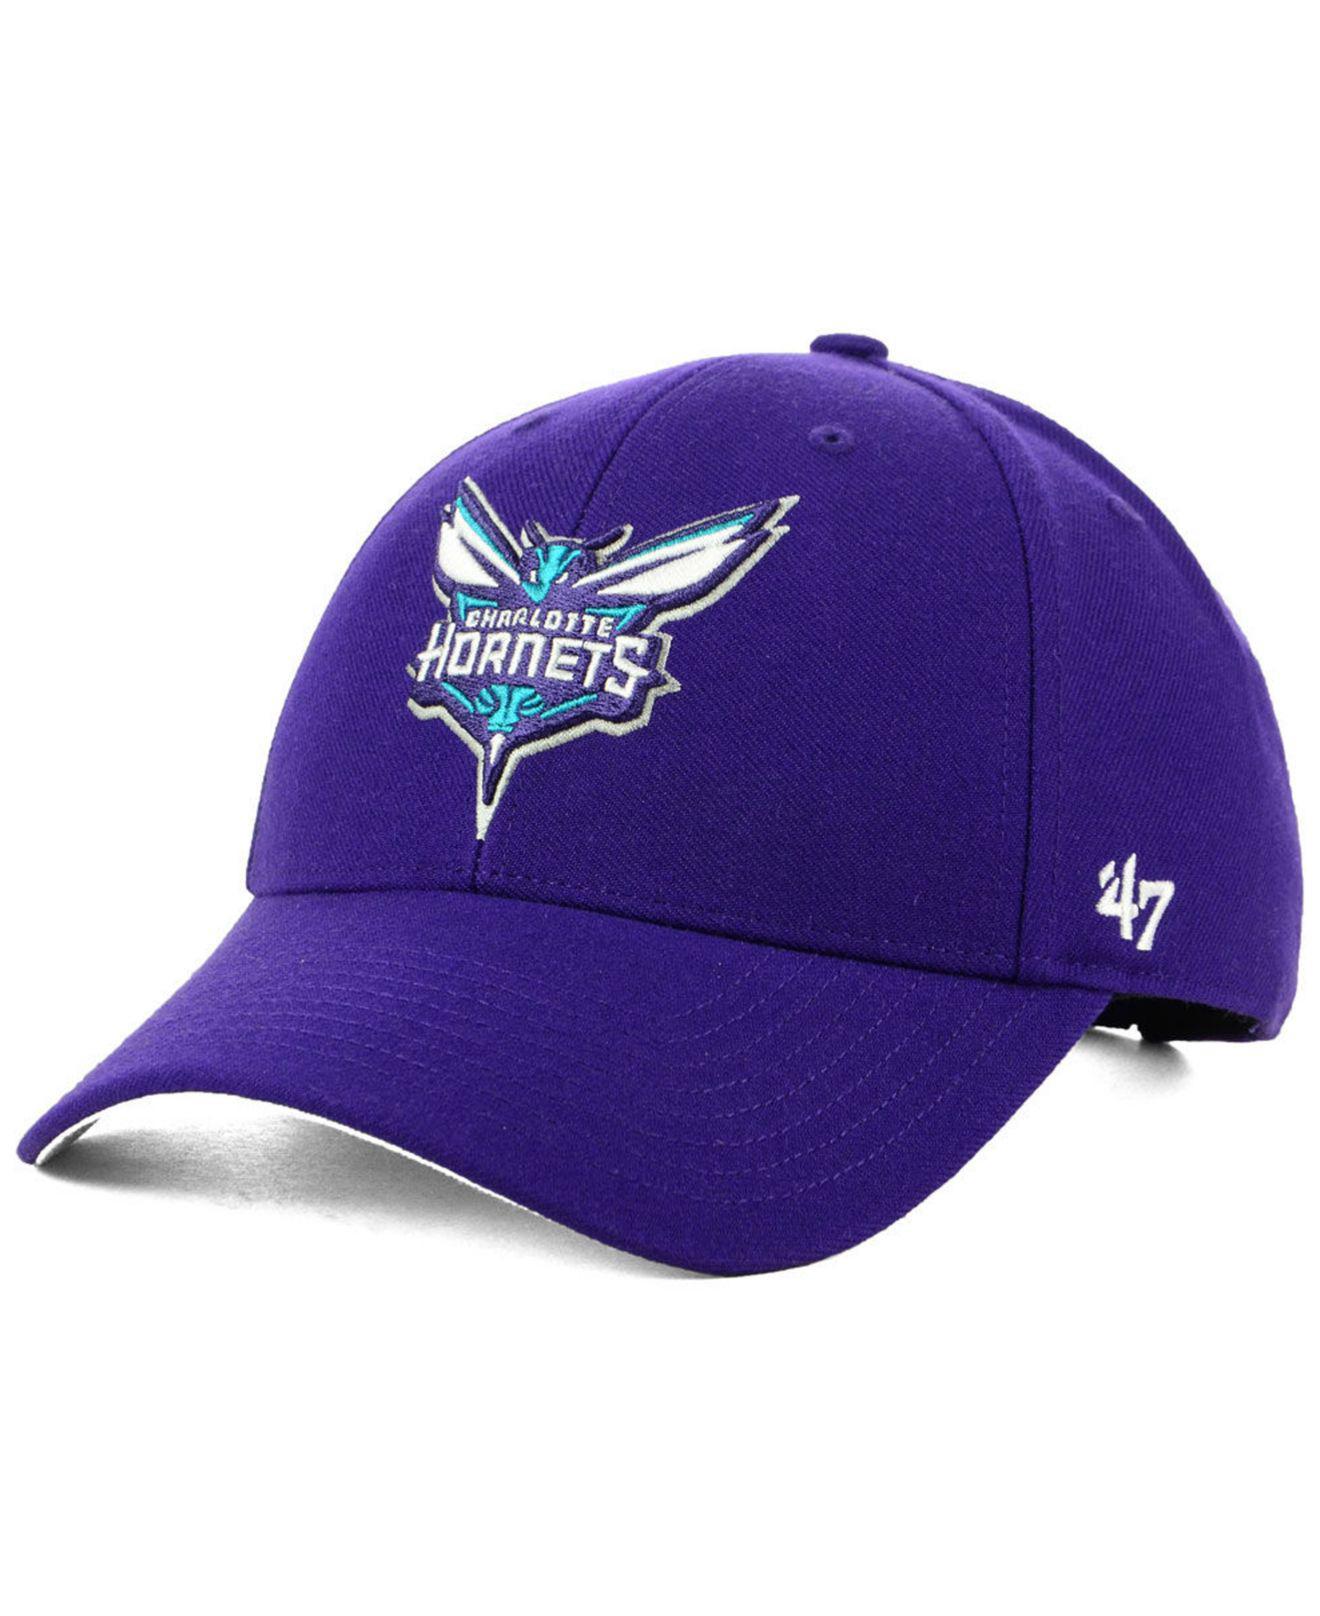 ef7612d7c38 Lyst - 47 Brand Charlotte Hornets Team Color Mvp Cap in Purple for Men